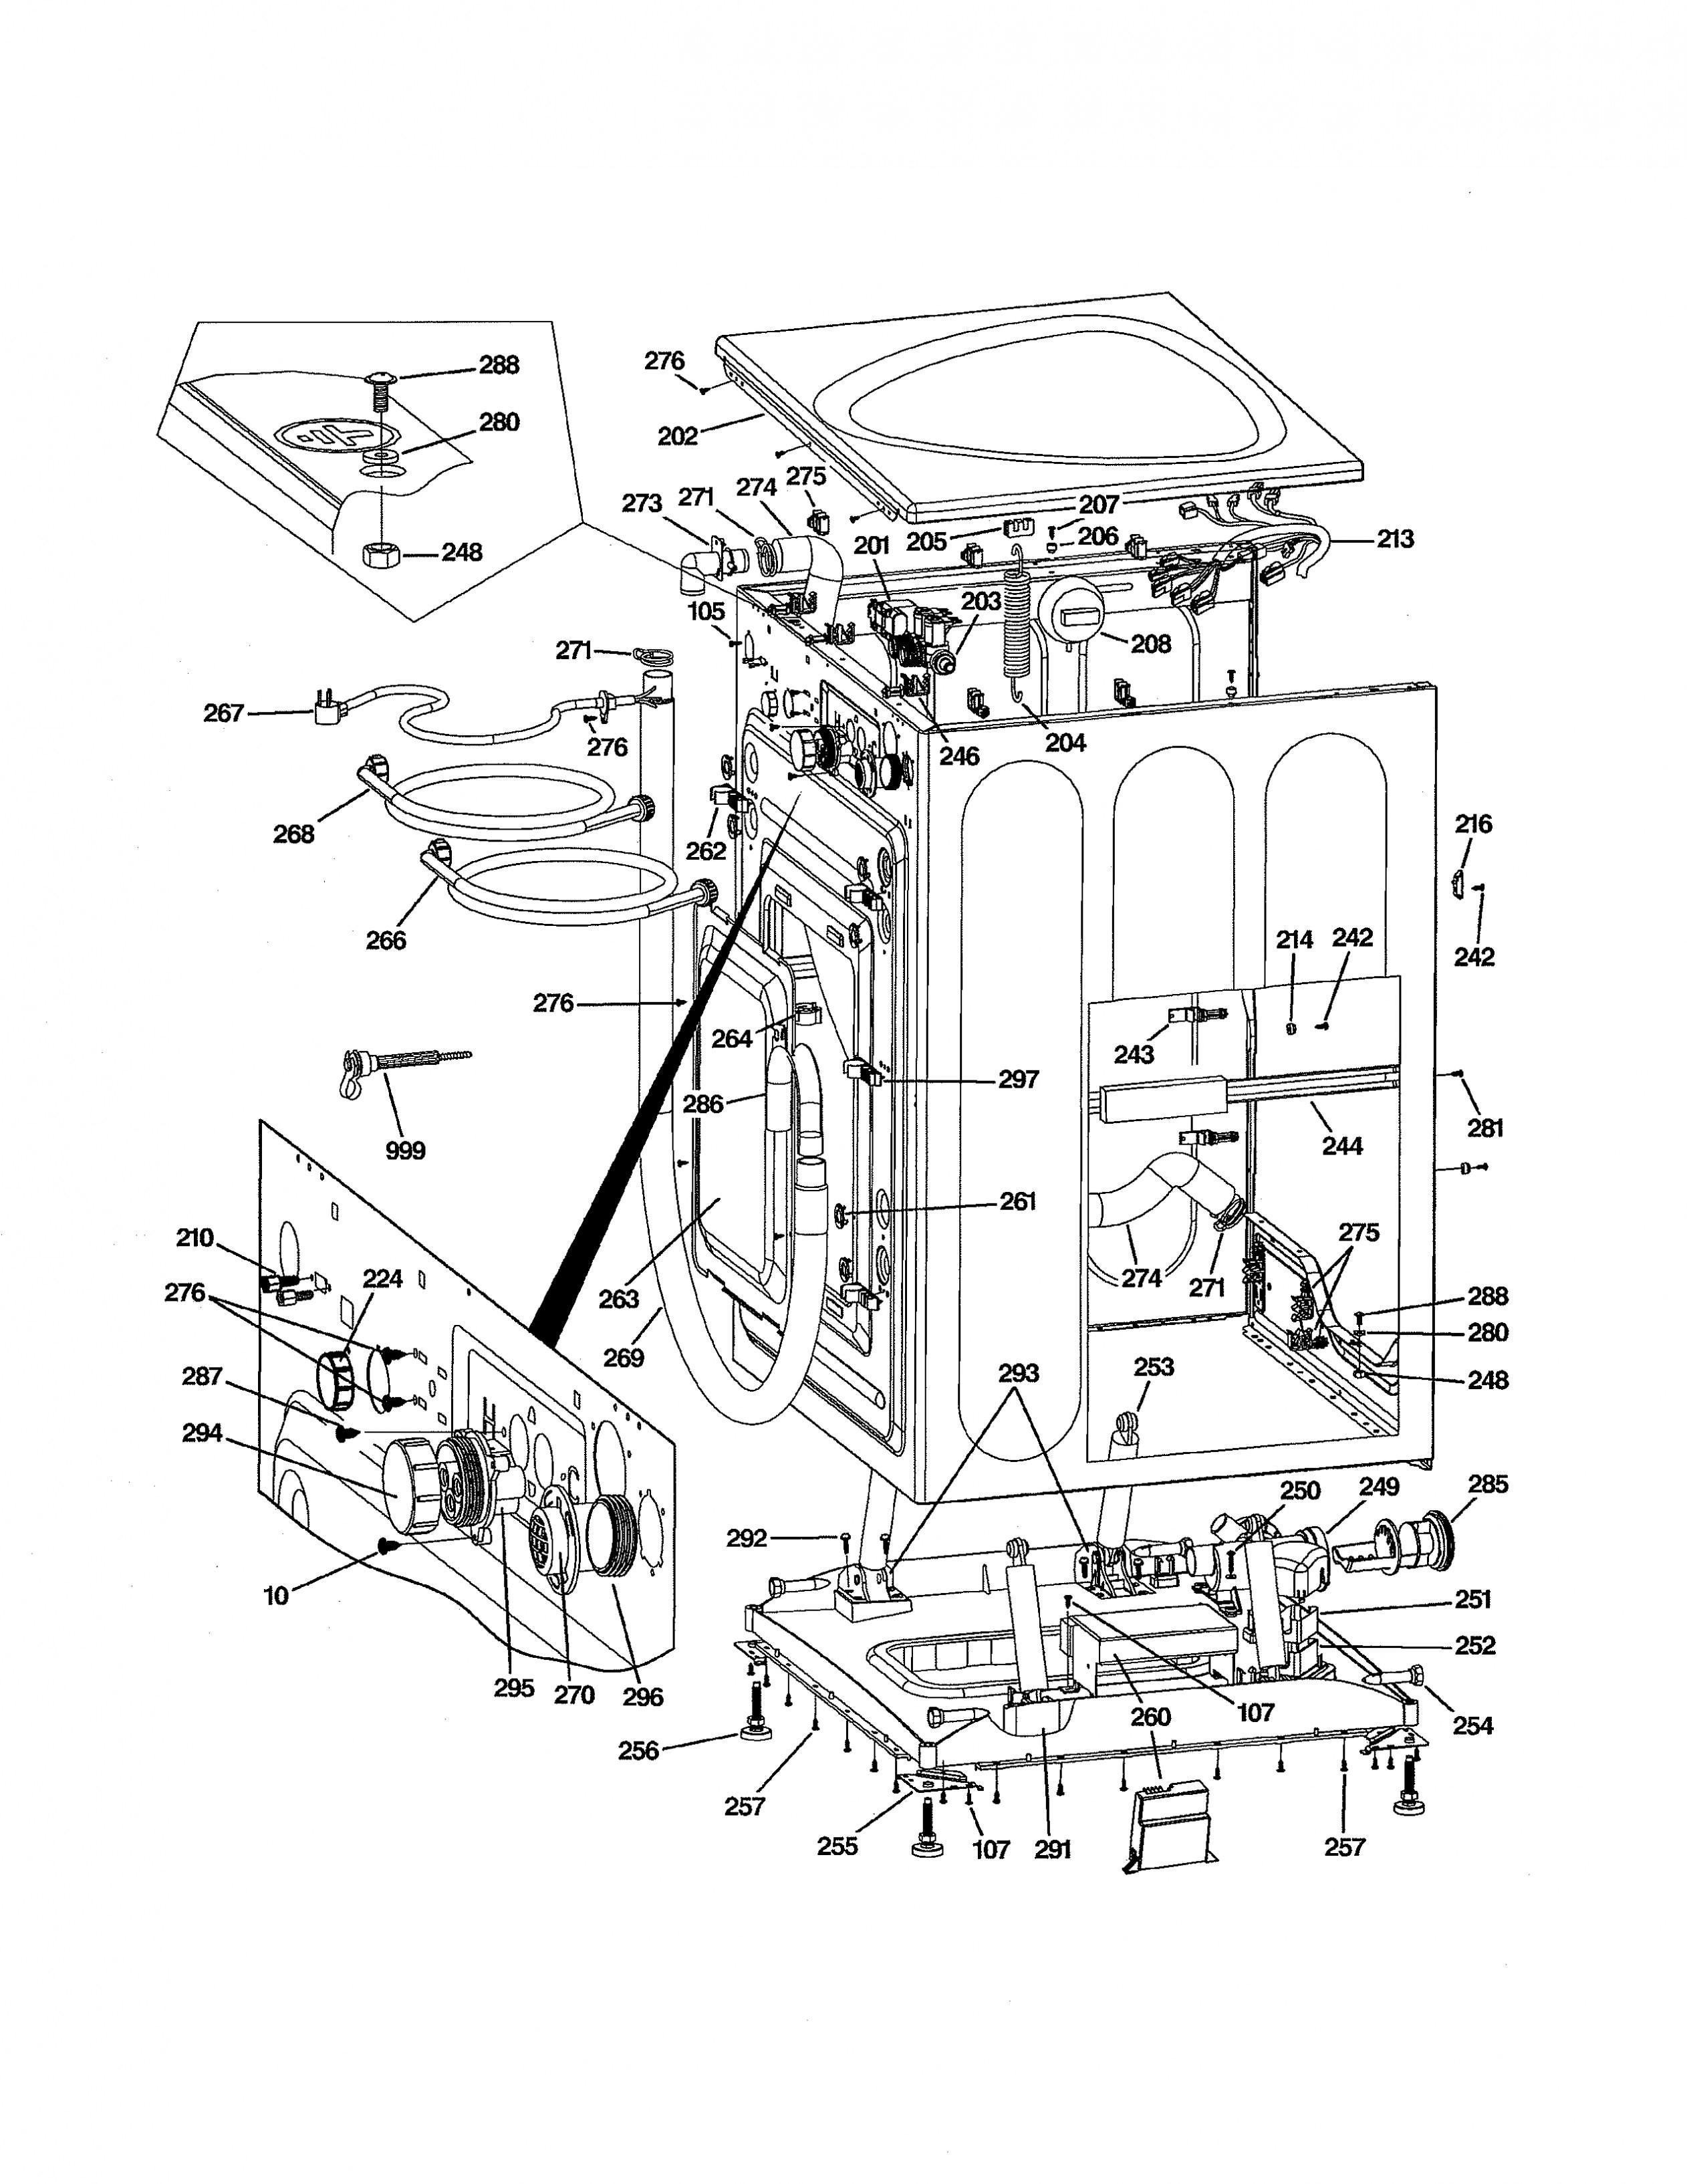 caliper parts diagram brake caliper diagram  u2013 parts a boot